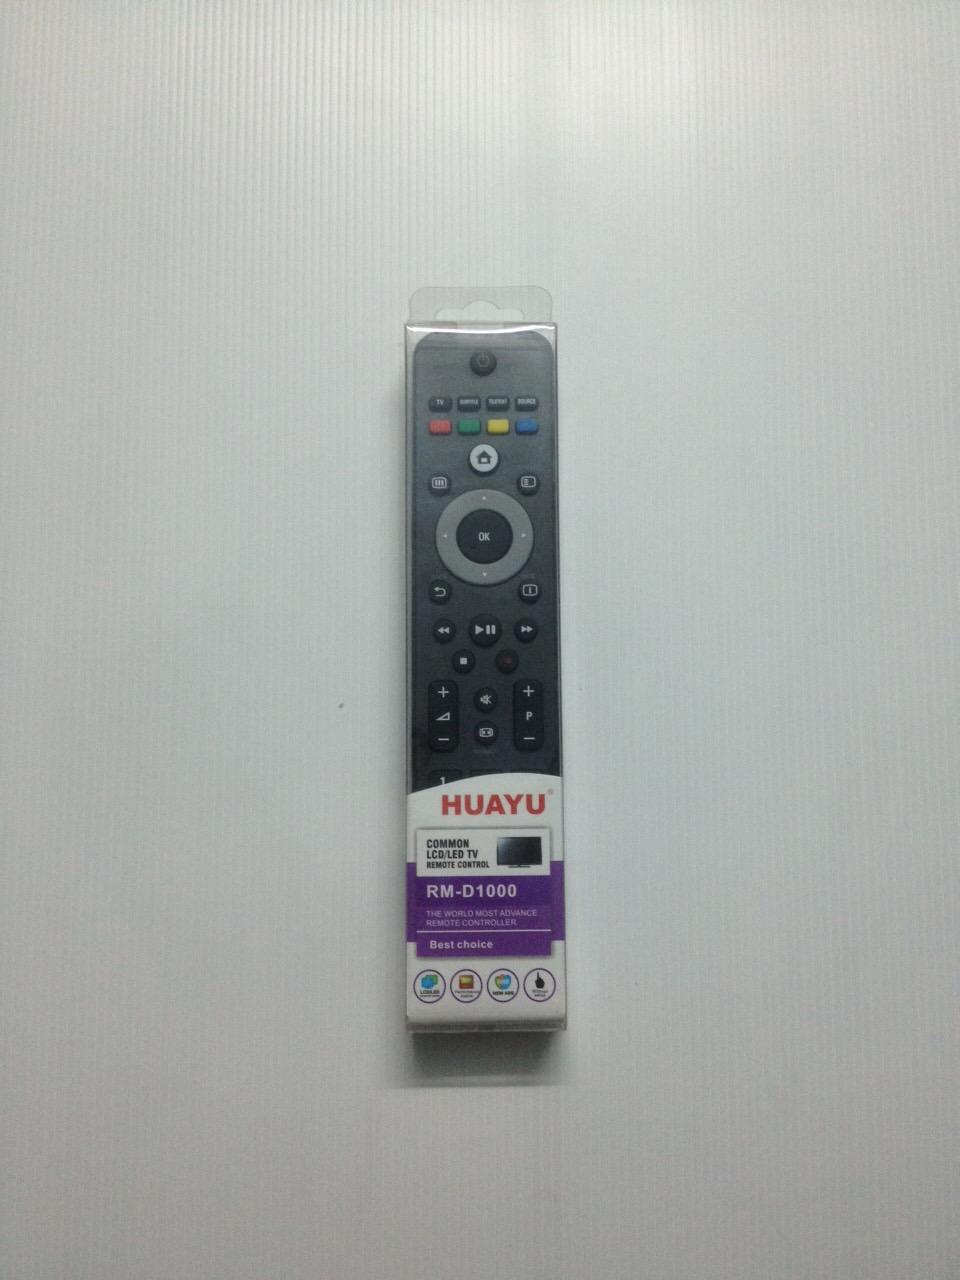 รีโมทรวมแอลซีดี LCD Philips HAUYU D-1000 ใช้ได้ทุกรุ่น